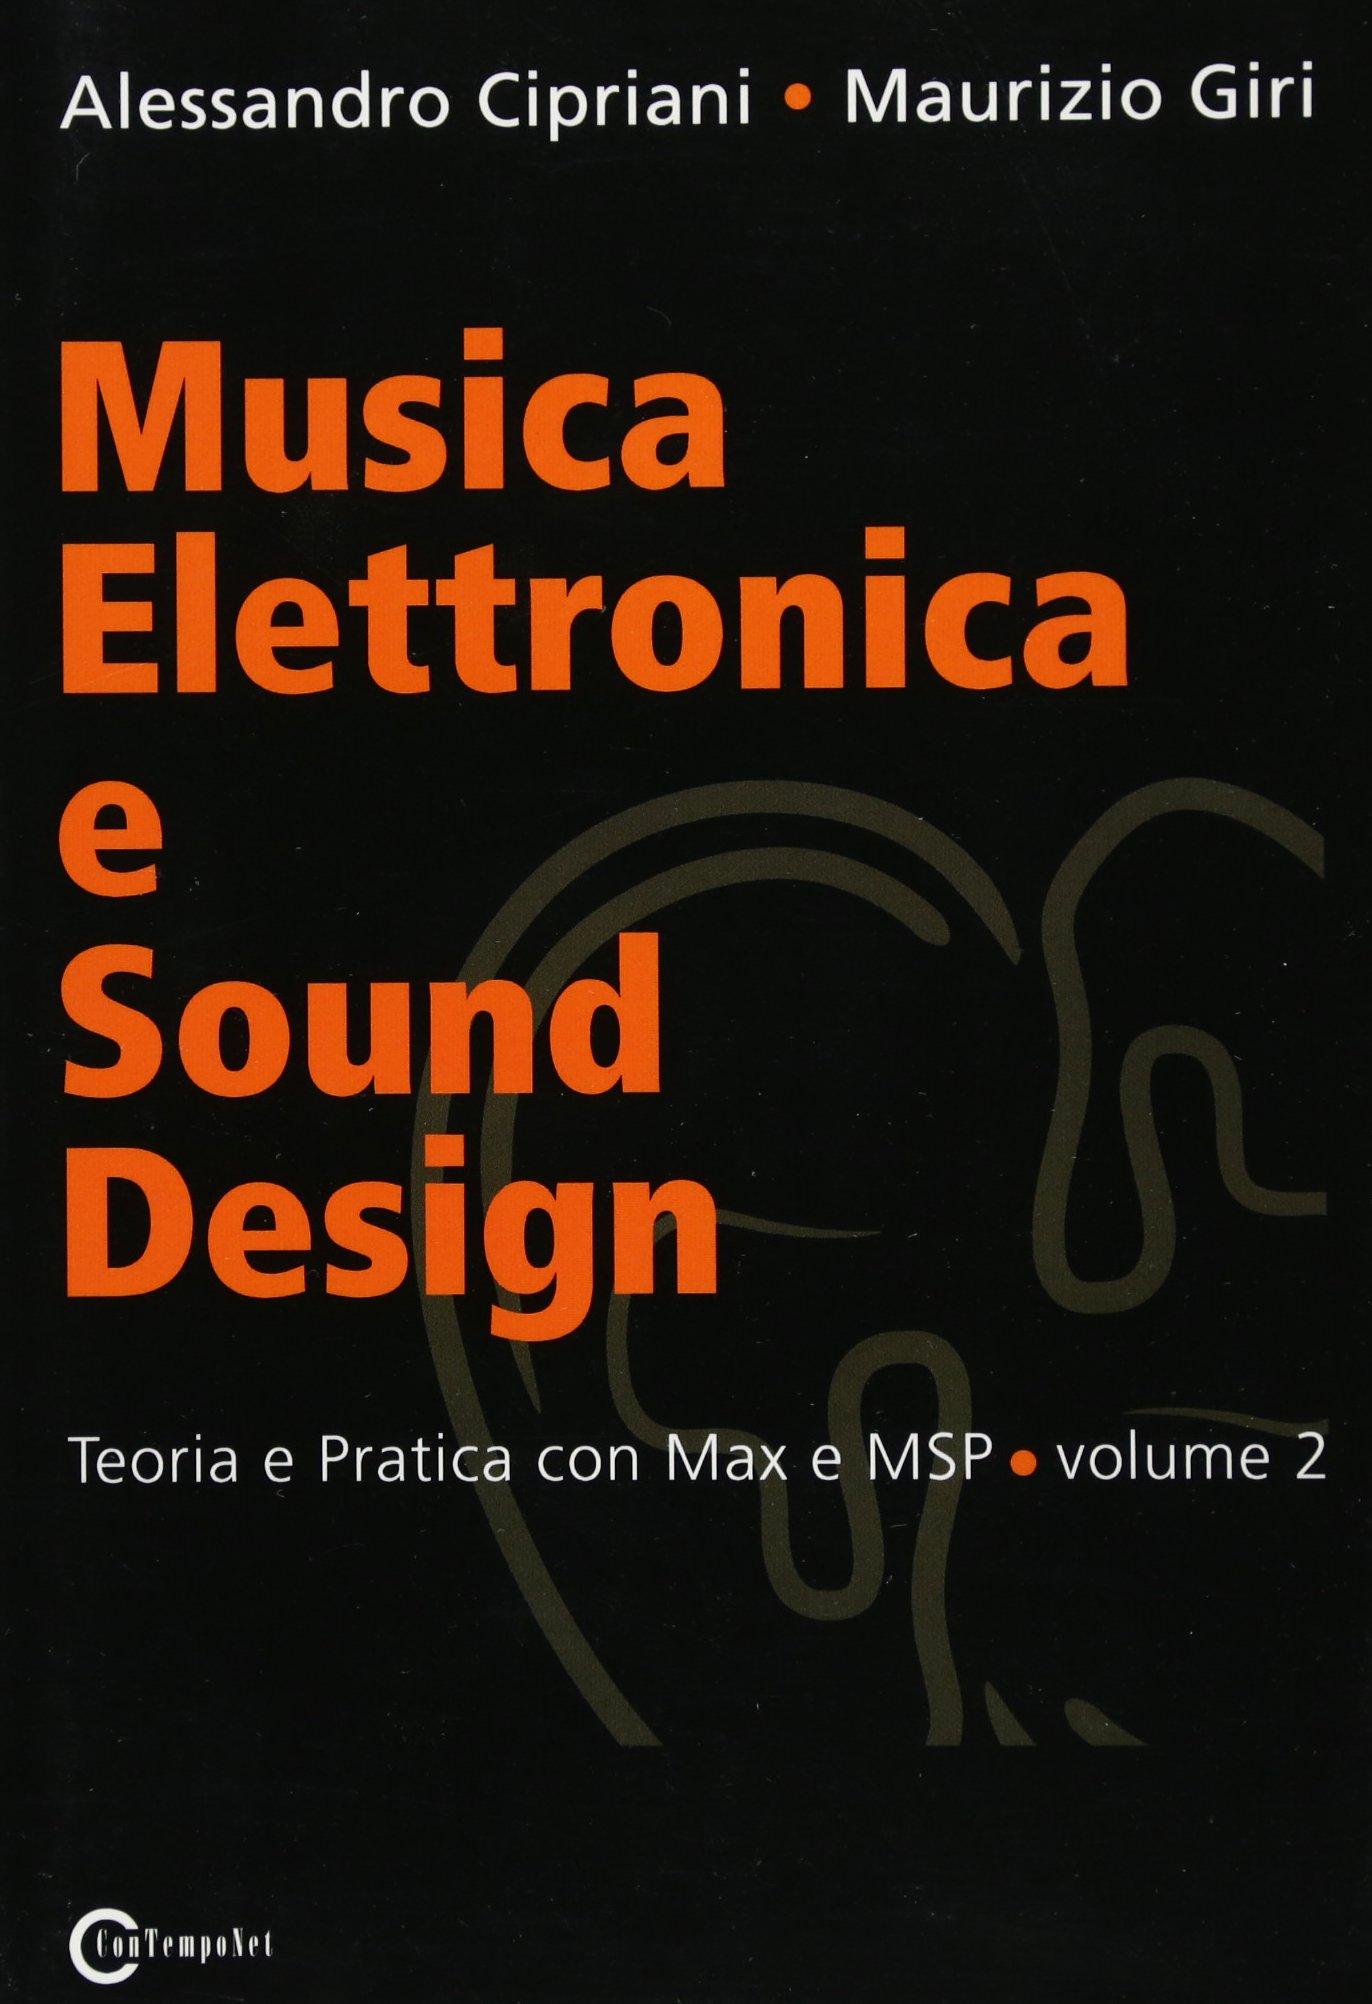 Musica Elettronica e Sound Design - Teoria e Pratica con Max e MSP - volume 2 (Italian Edition): Alessandro Cipriani, Maurizio Giri: 9788890548420: ...